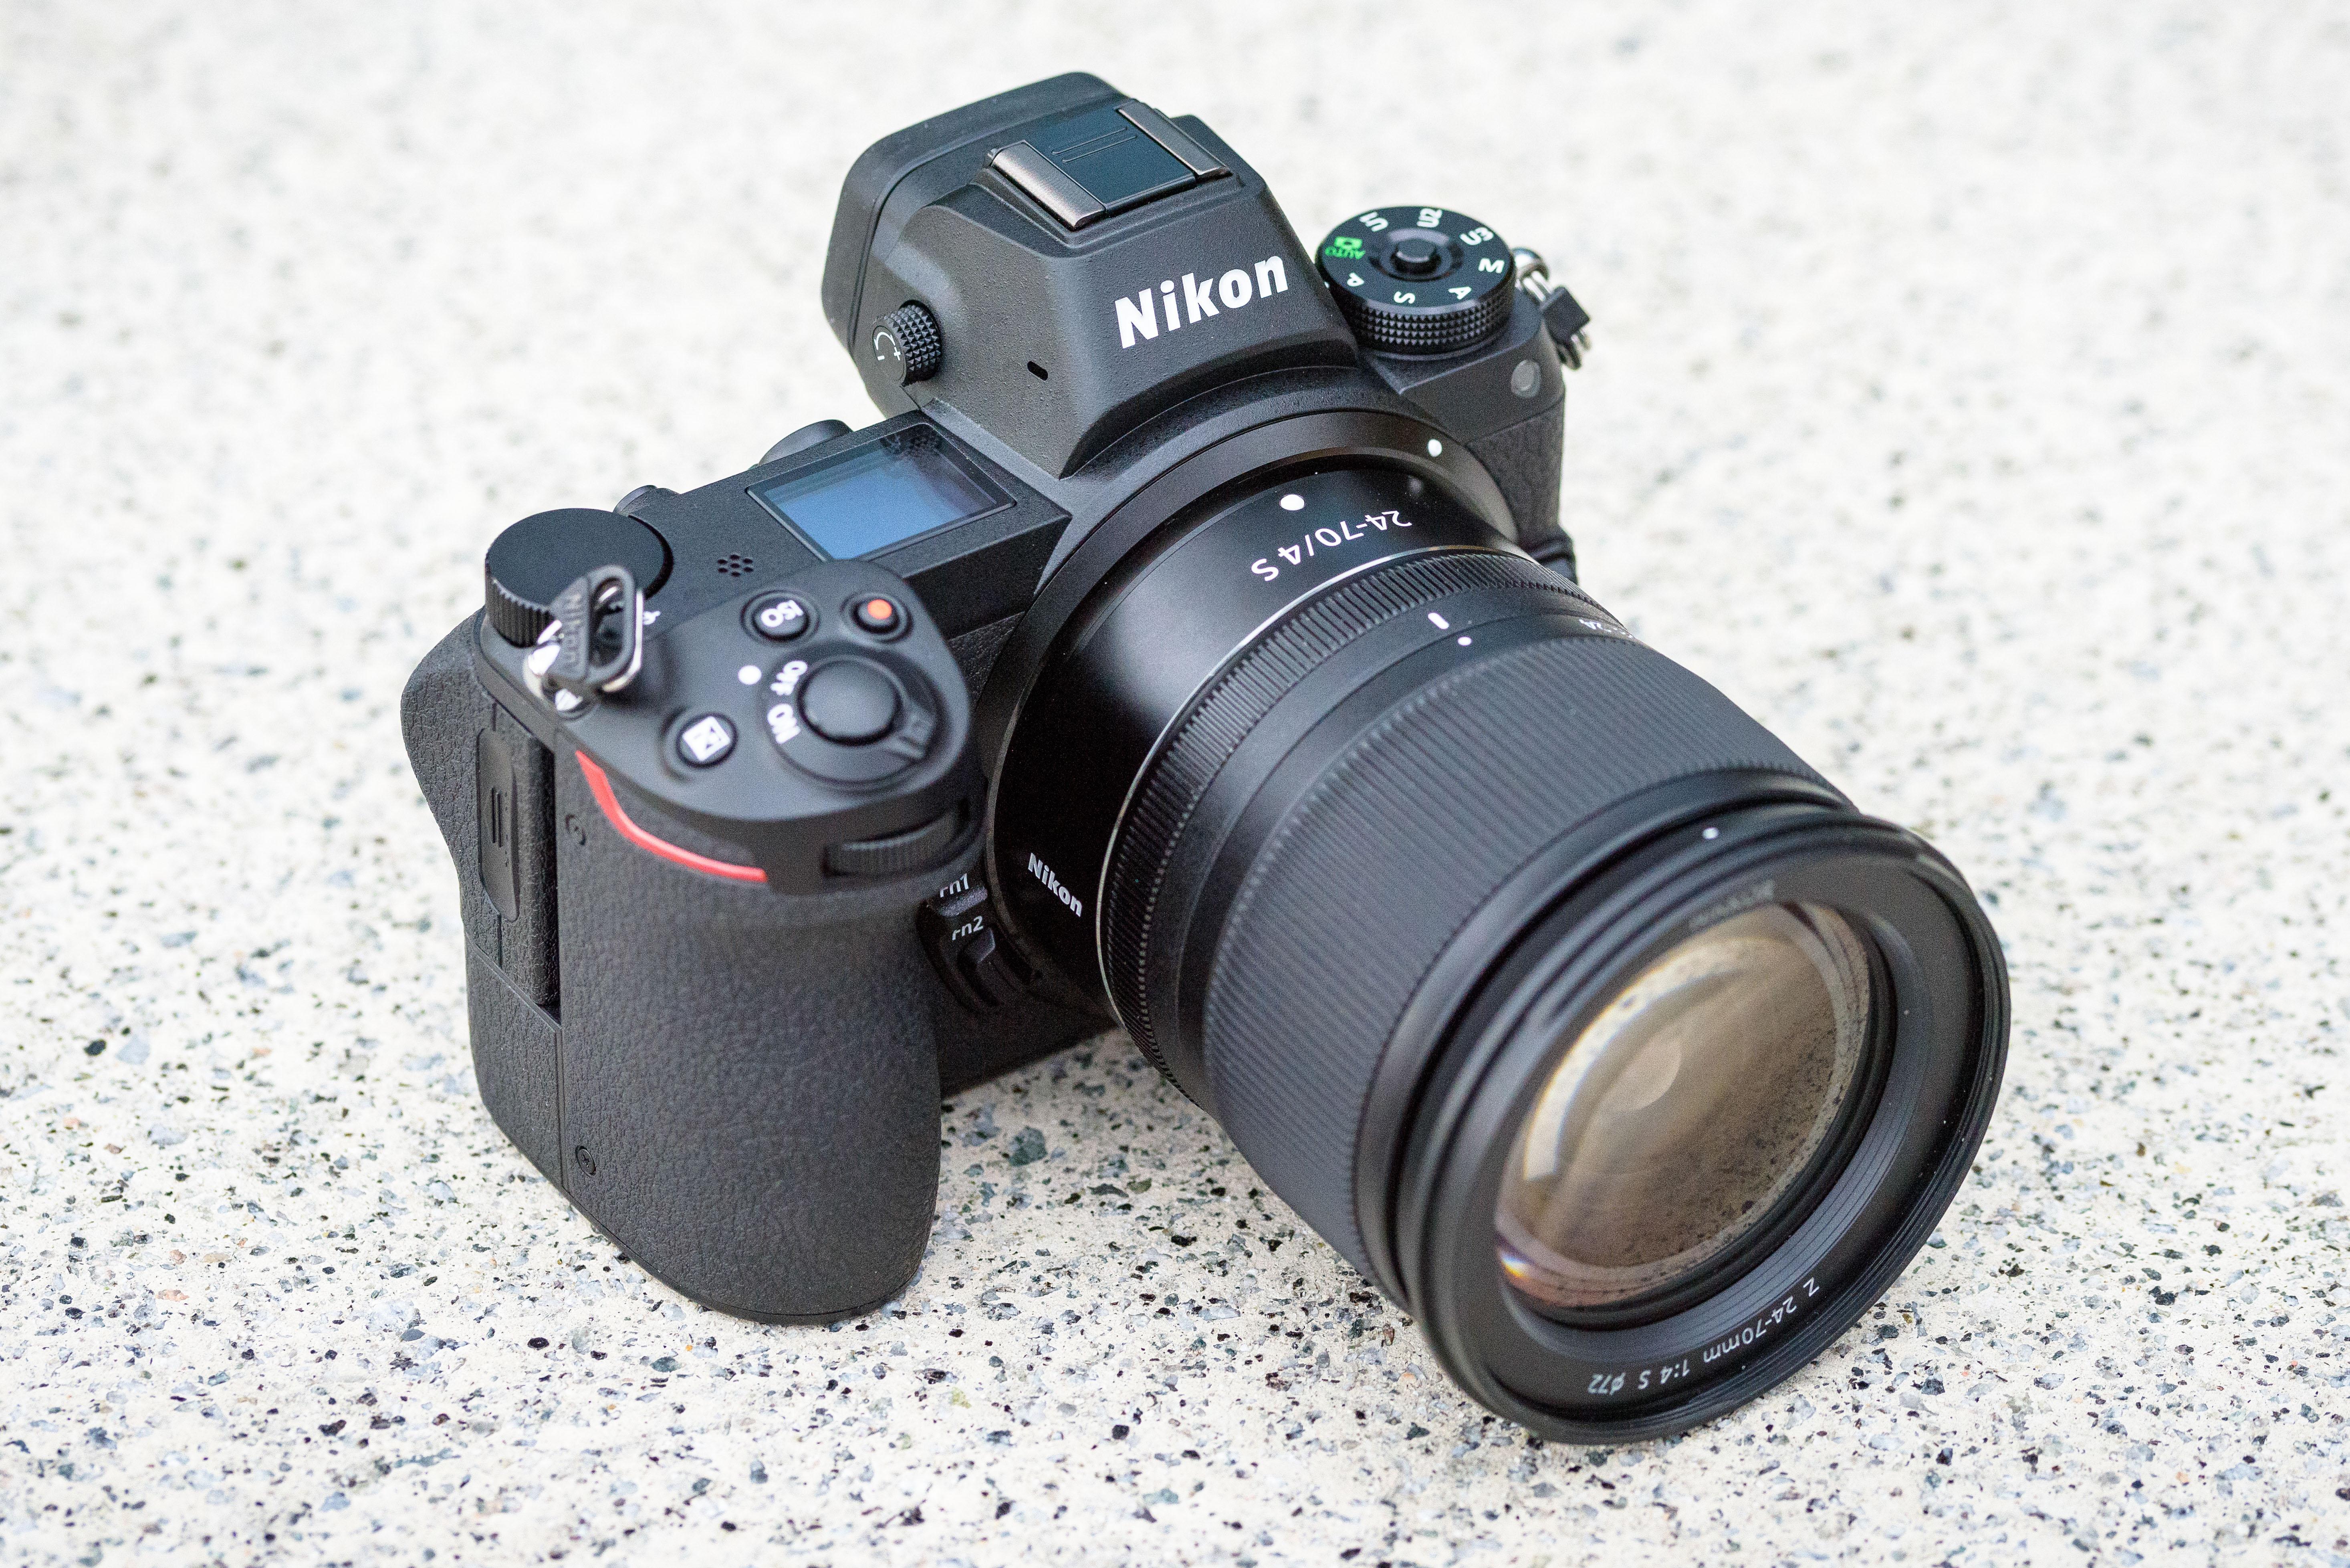 Nikon Z6 review - Page 6 of 8 - Amateur Photographer